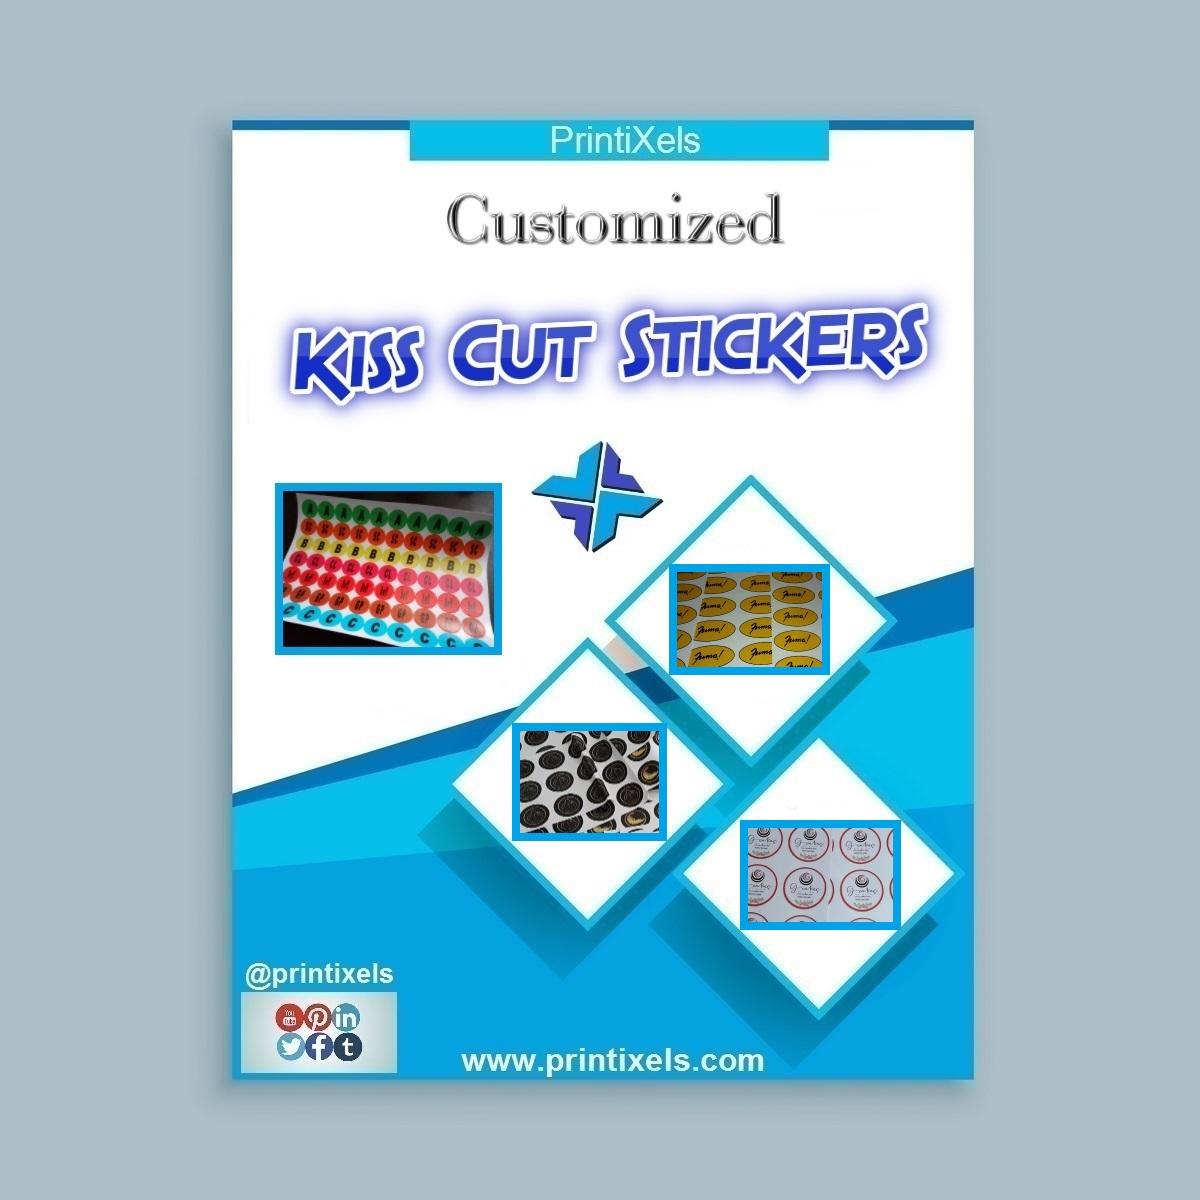 Customized Kiss Cut Stickers, Half Cut Label Sticker Sheets